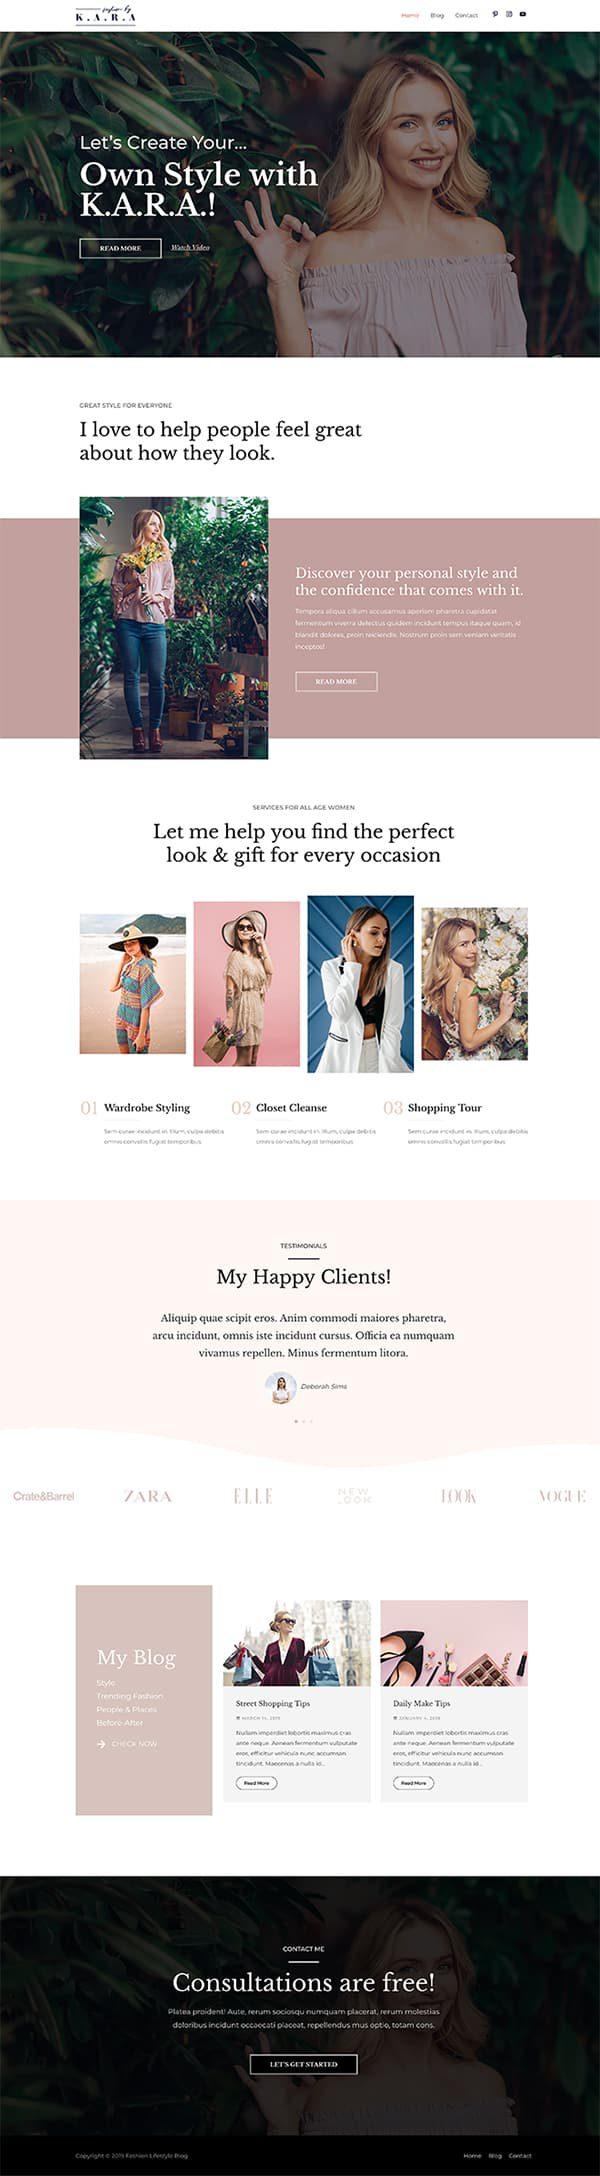 Готовый сайт. Мода, красота, блог